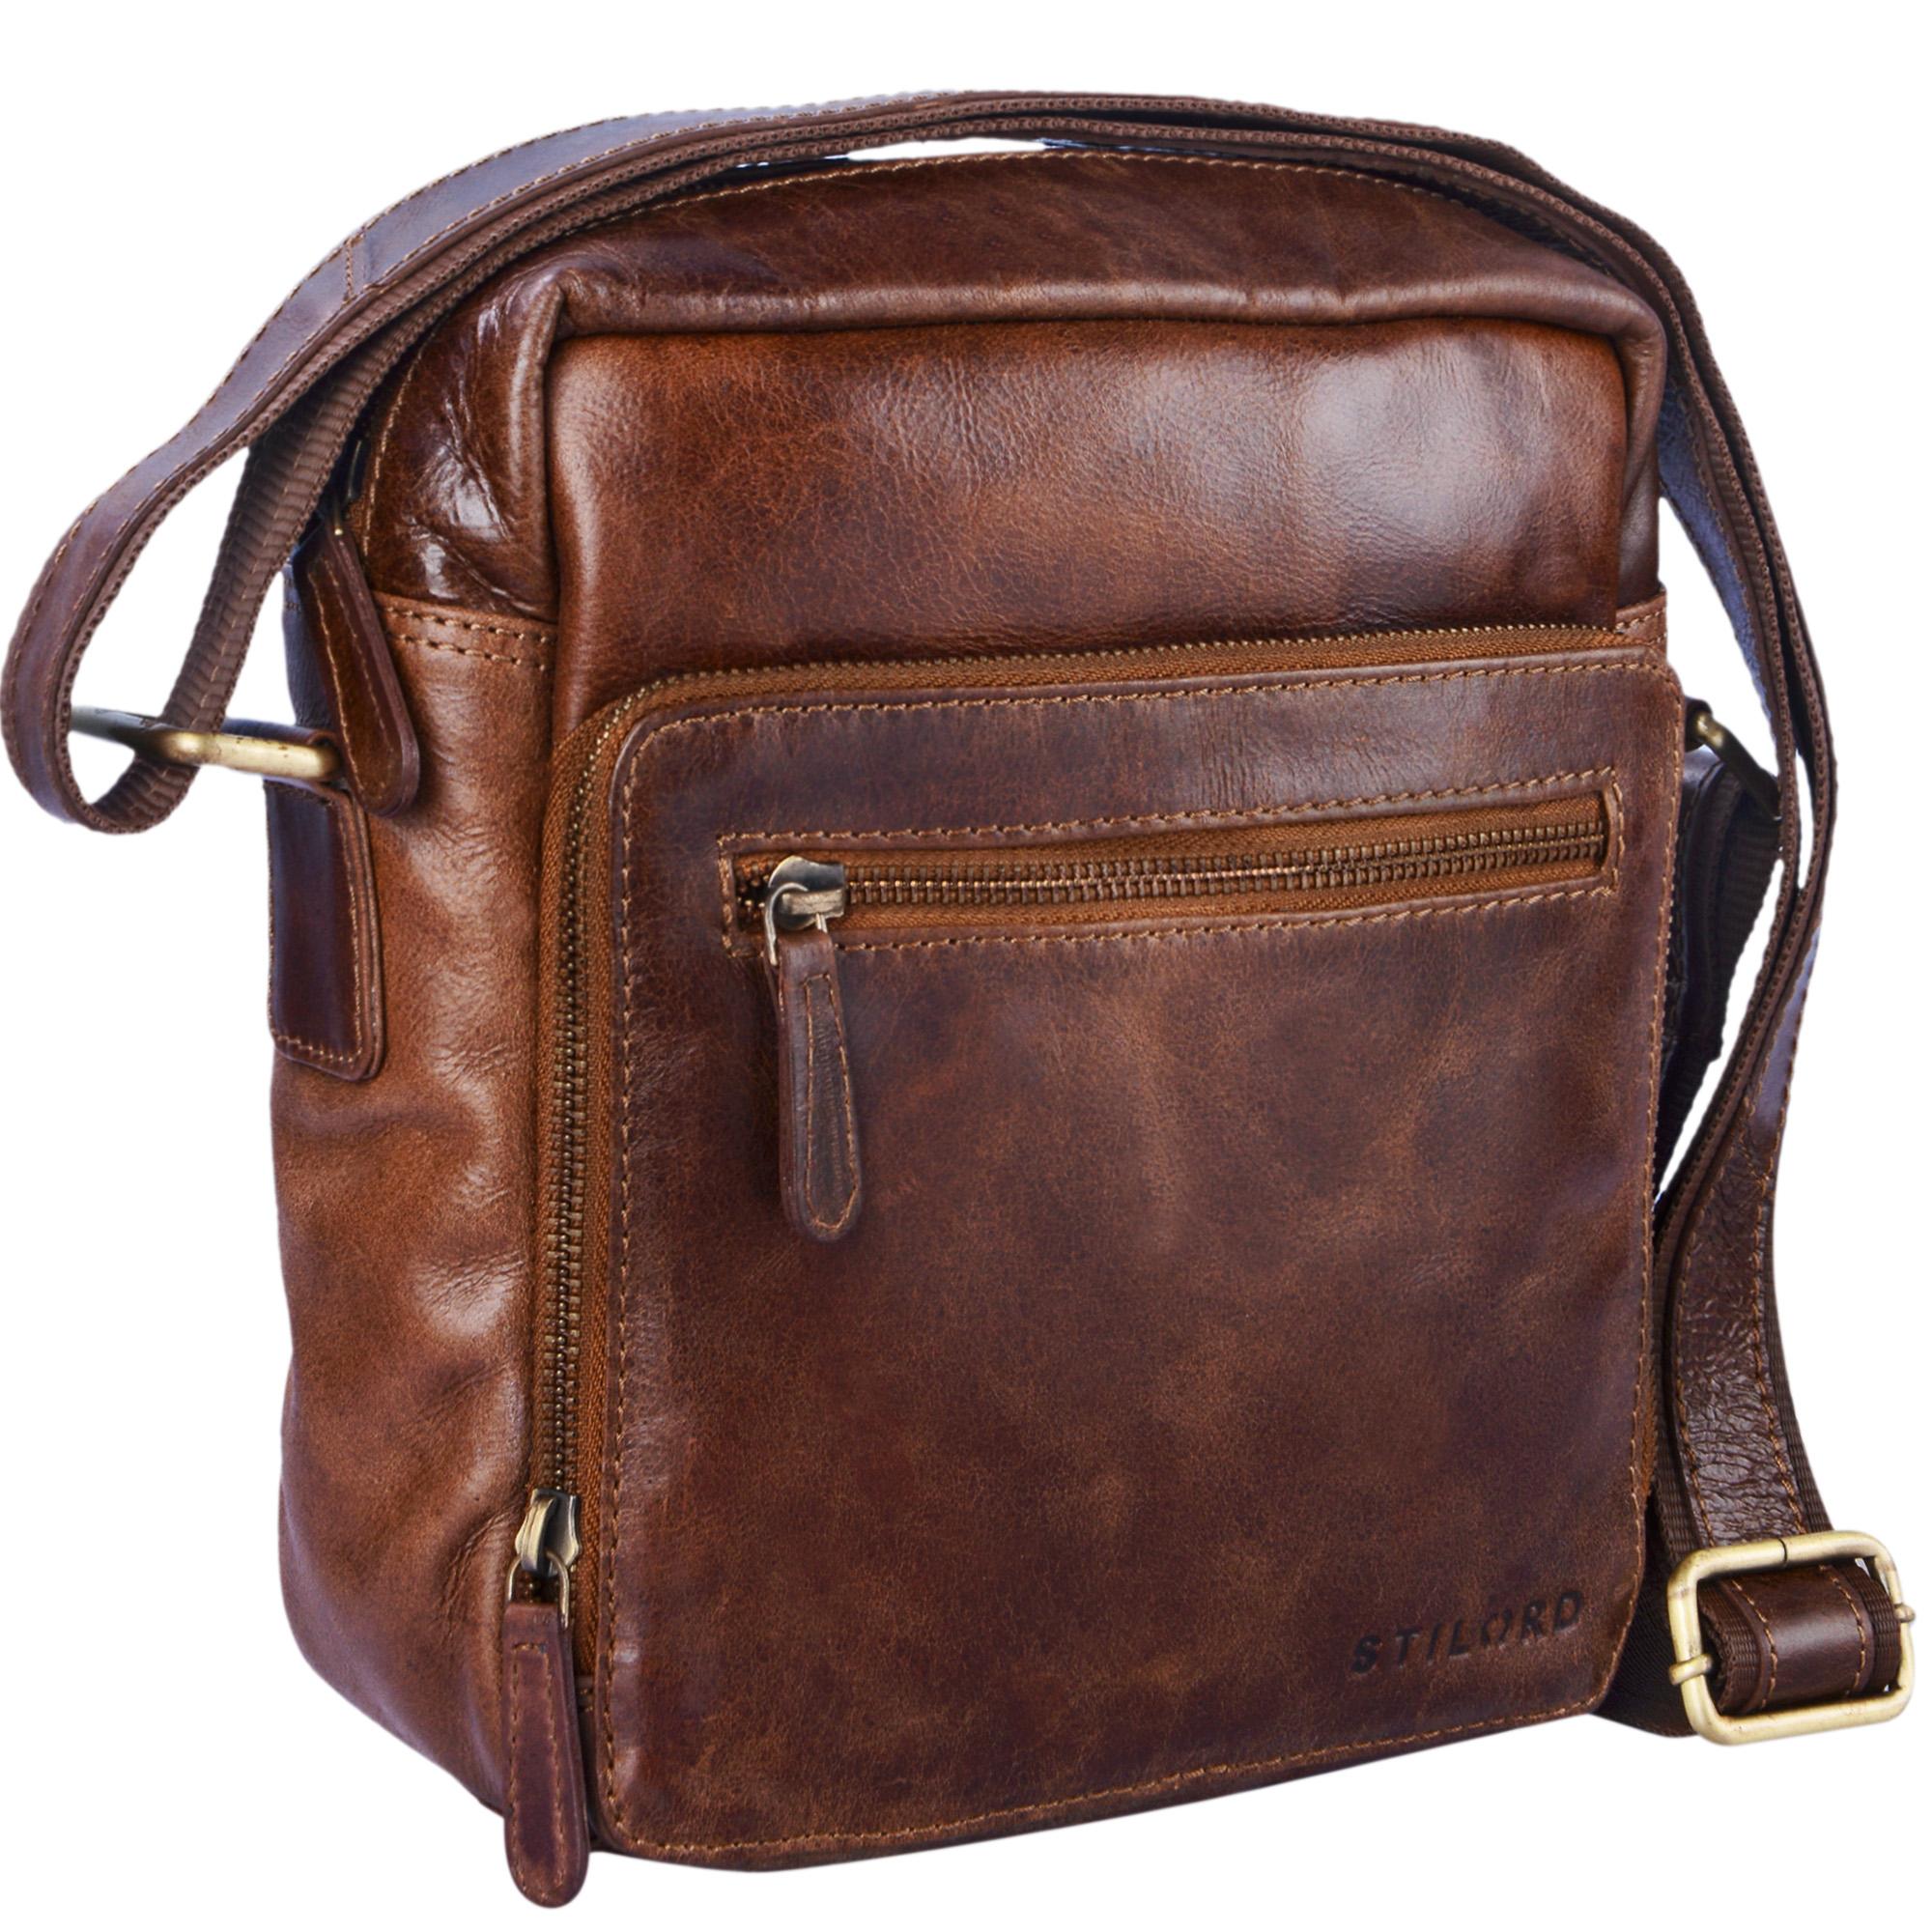 """STILORD """"Nathan"""" Umhängetasche Herren Leder klein braun Vintage Herrentasche 10,1 Zoll Tablettasche für iPad echtes Leder  - Bild 5"""